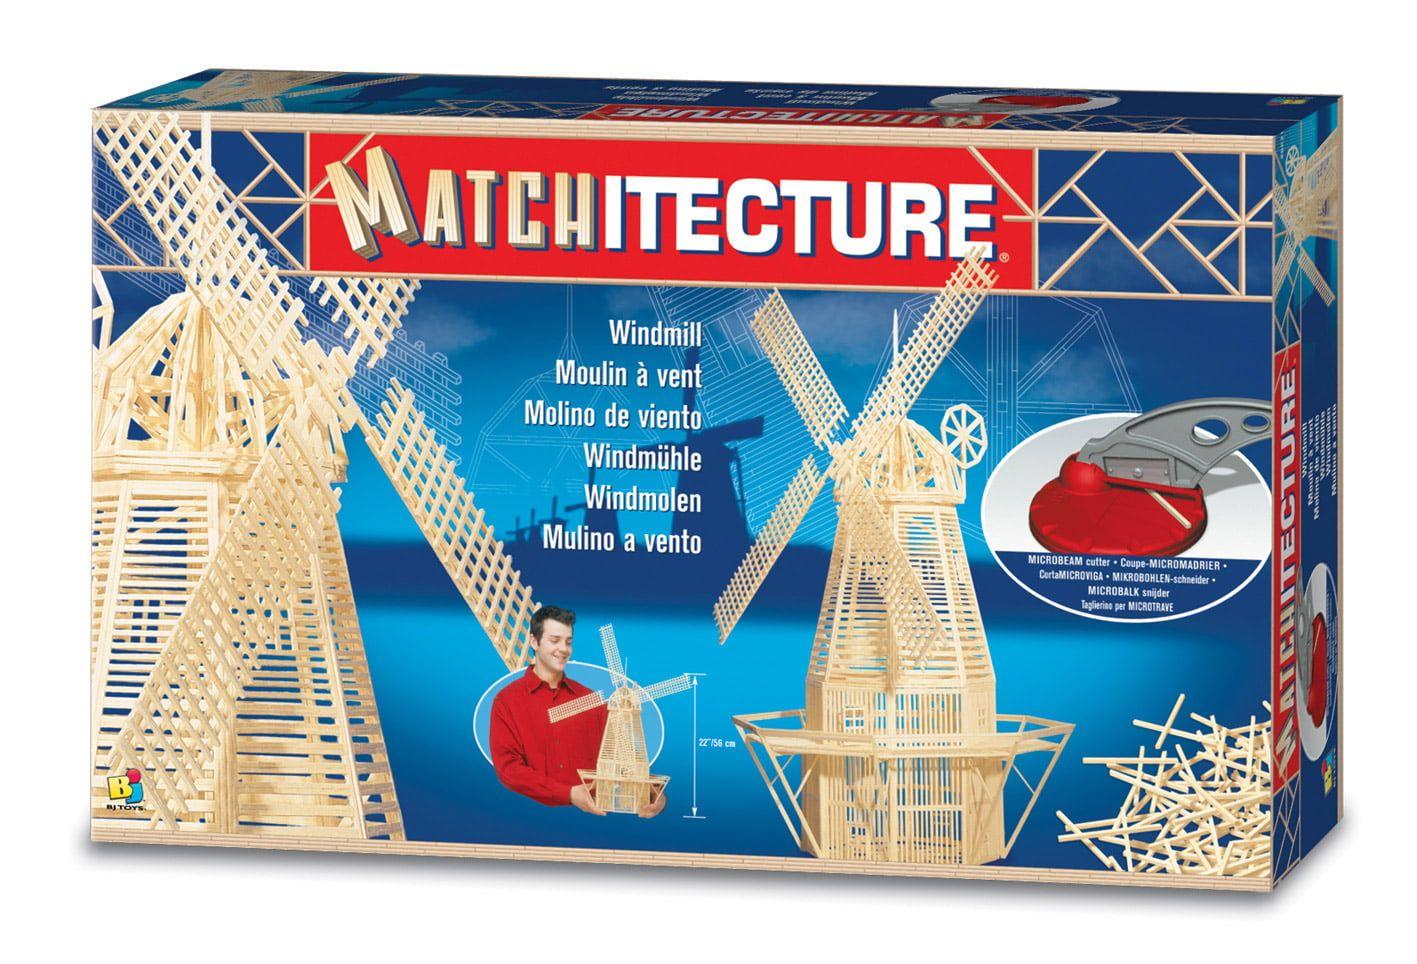 Matchitecture Windmill Kit